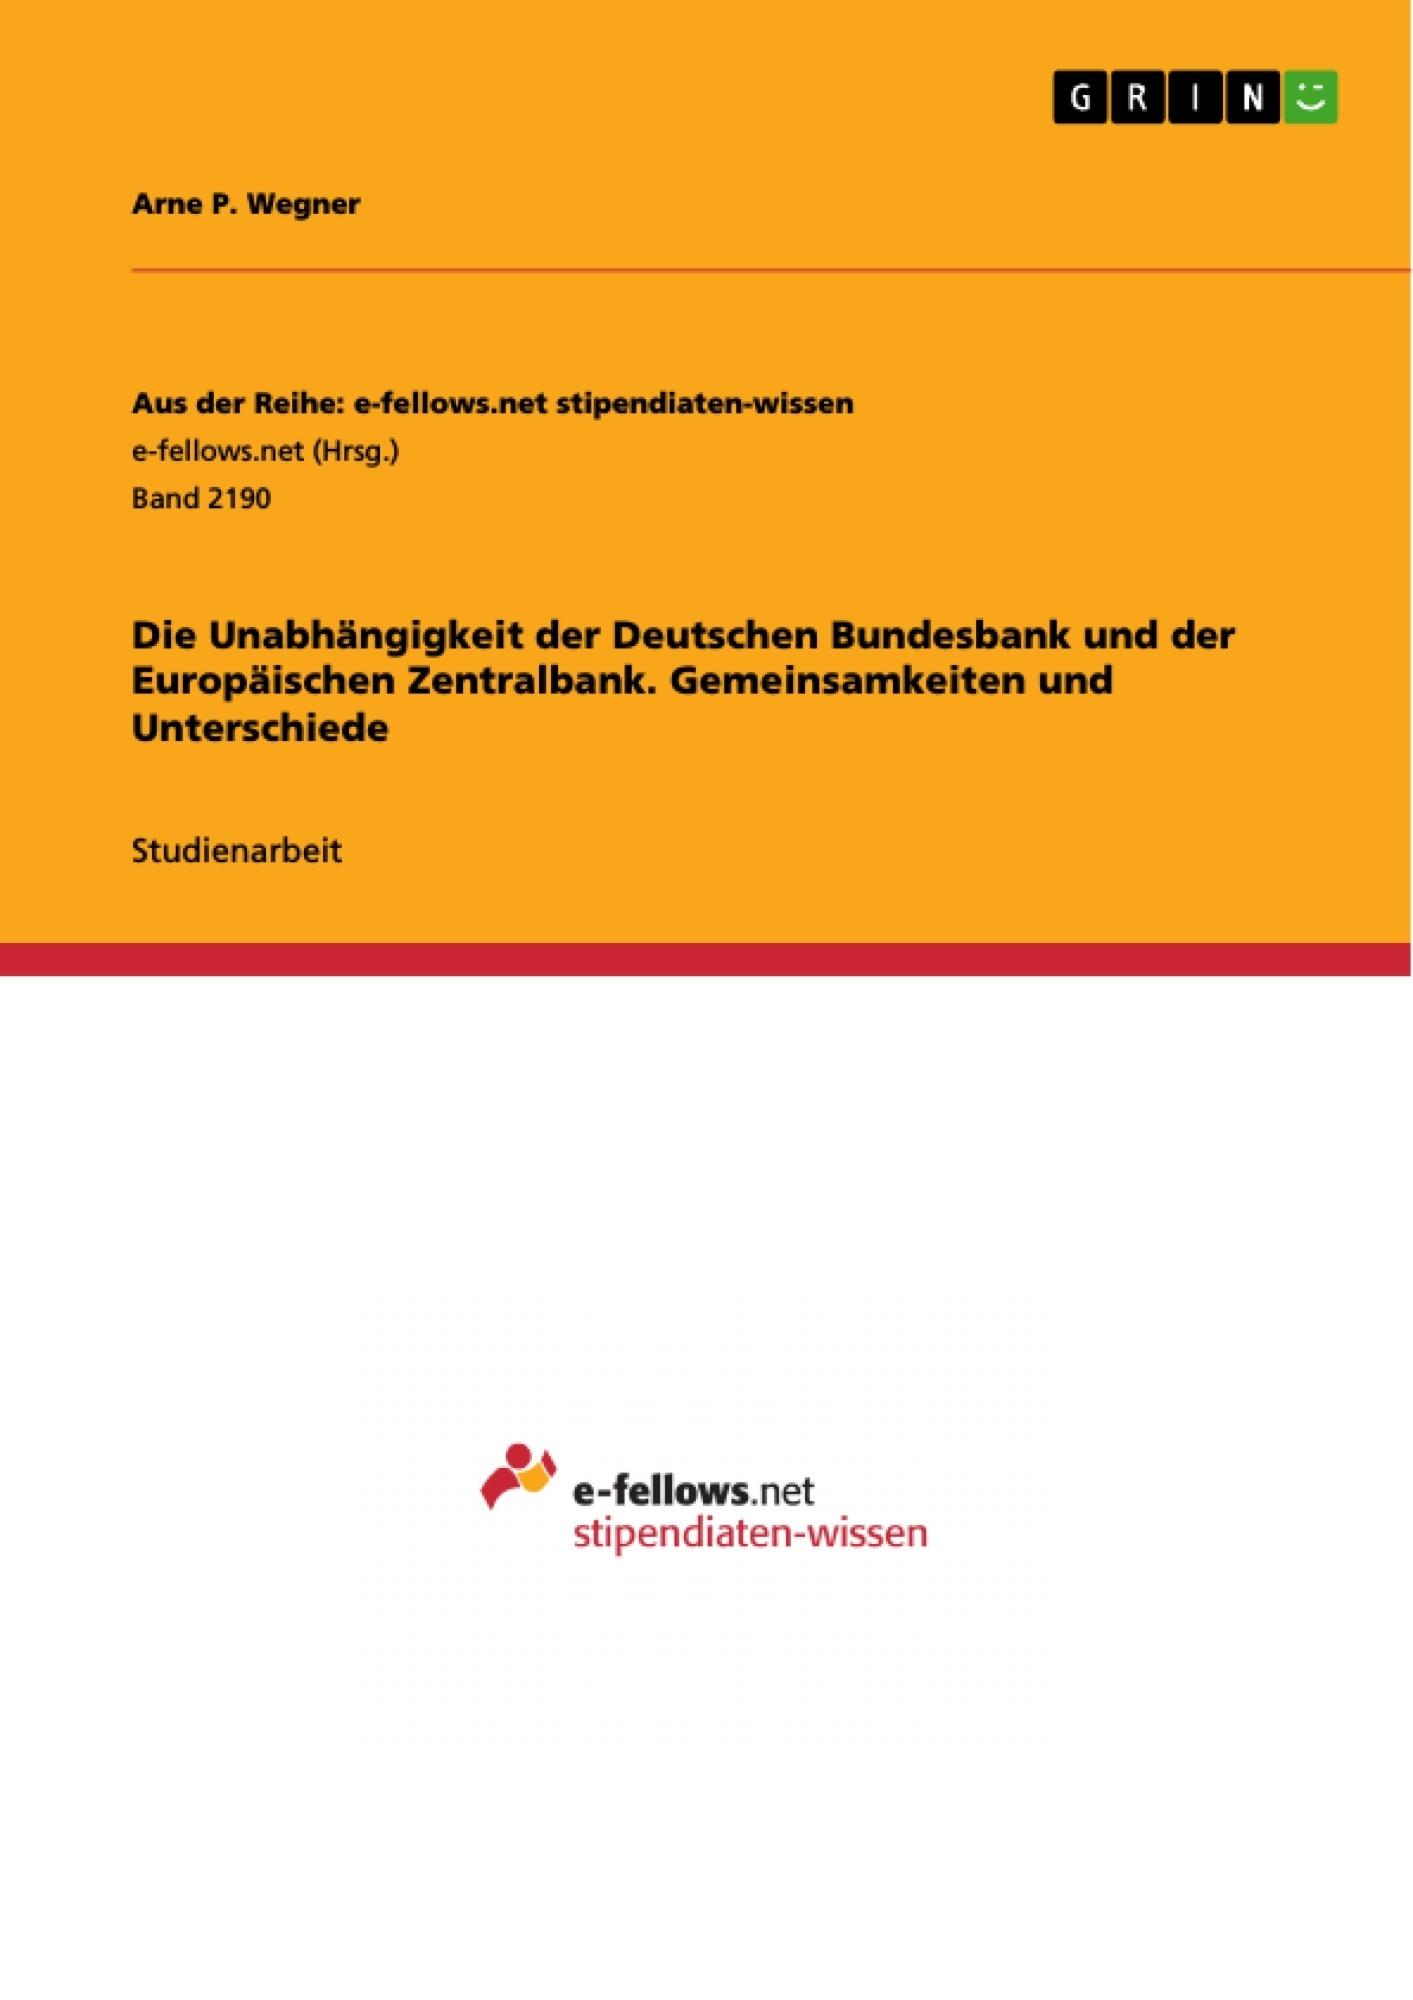 Titel: Die Unabhängigkeit der Deutschen Bundesbank und der Europäischen Zentralbank. Gemeinsamkeiten und Unterschiede